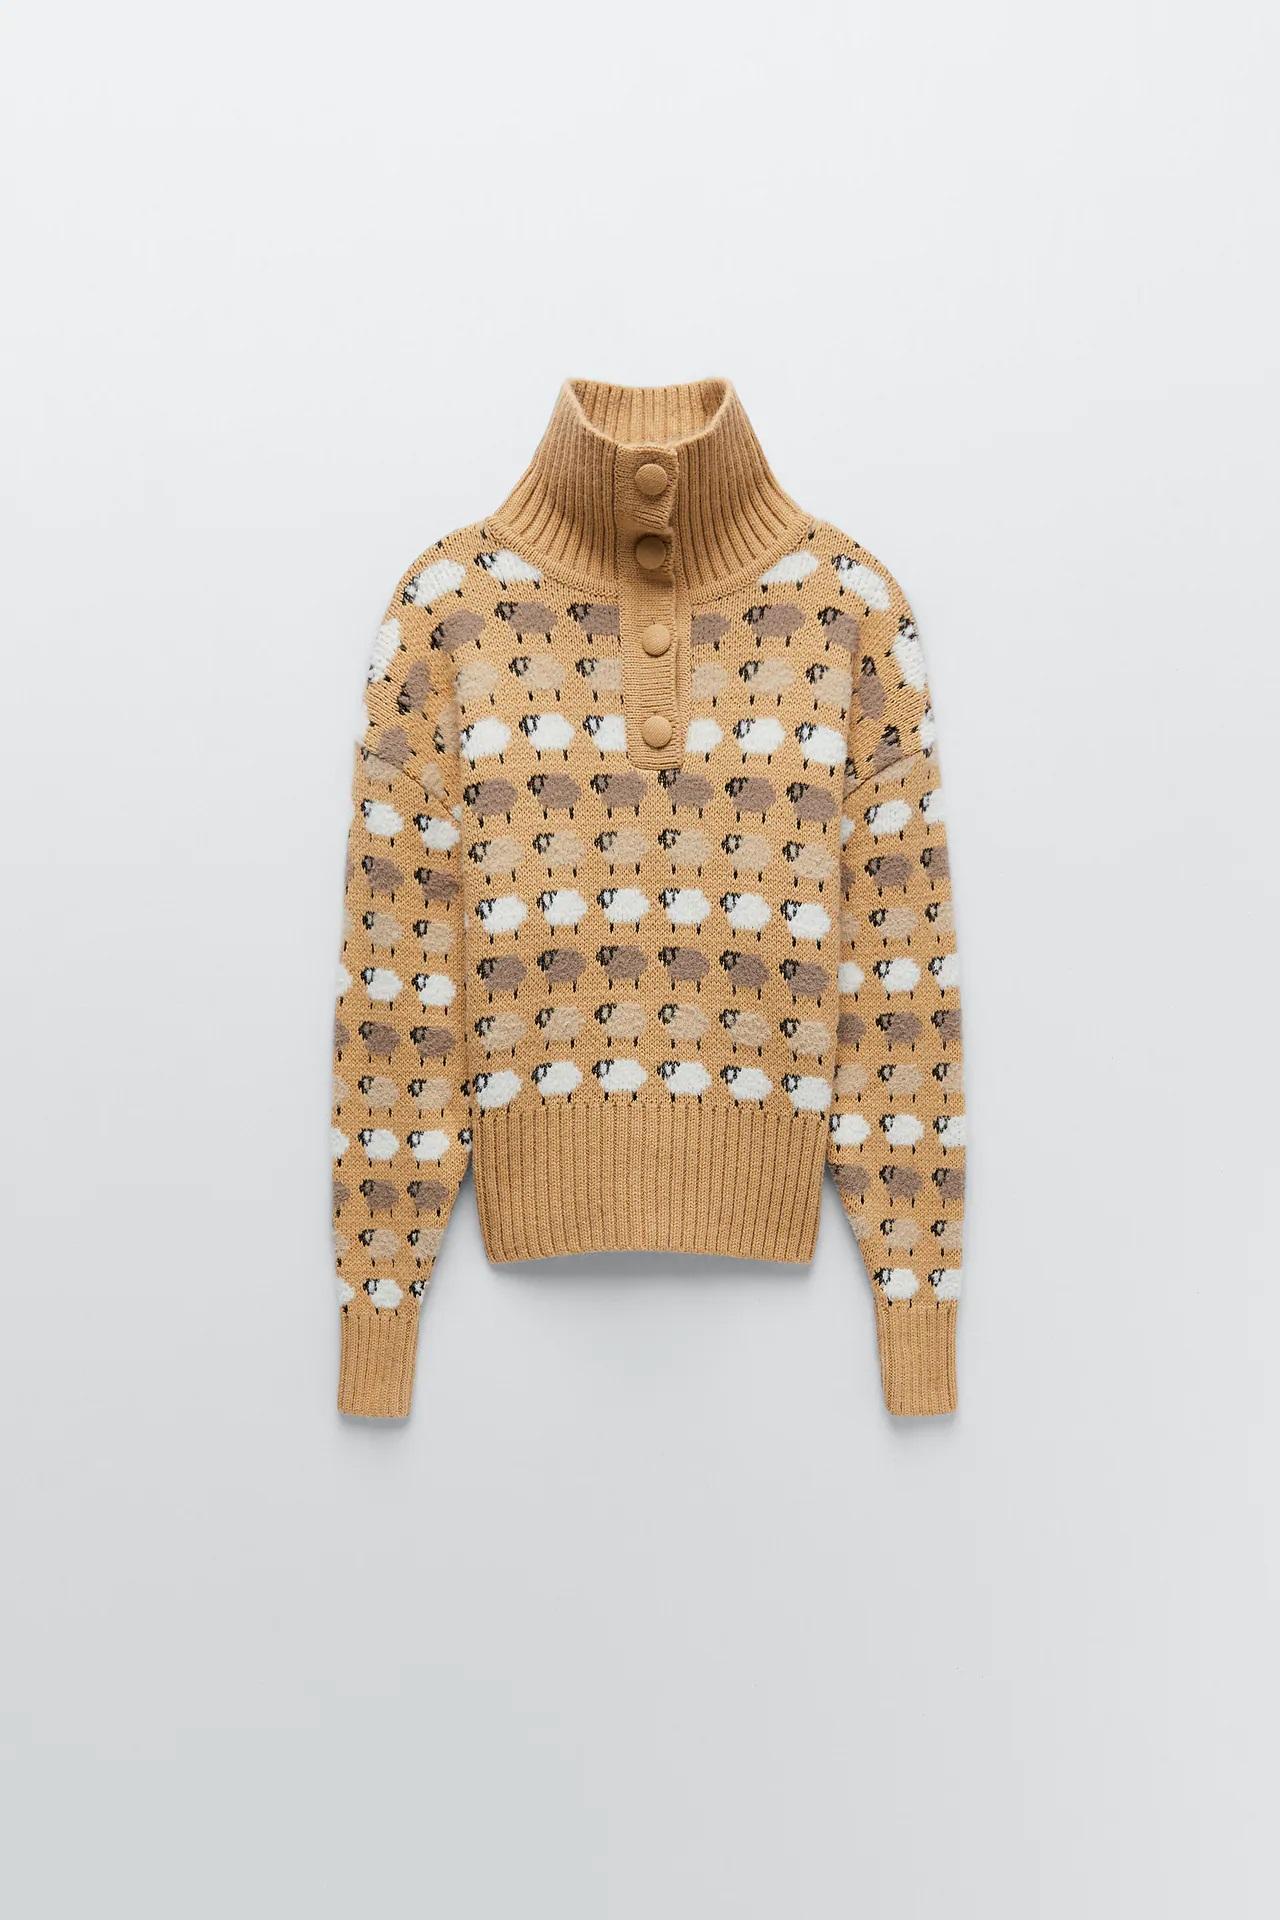 Zara tiene el jersey de ovejas que puso de moda Lady Di en versión low cost